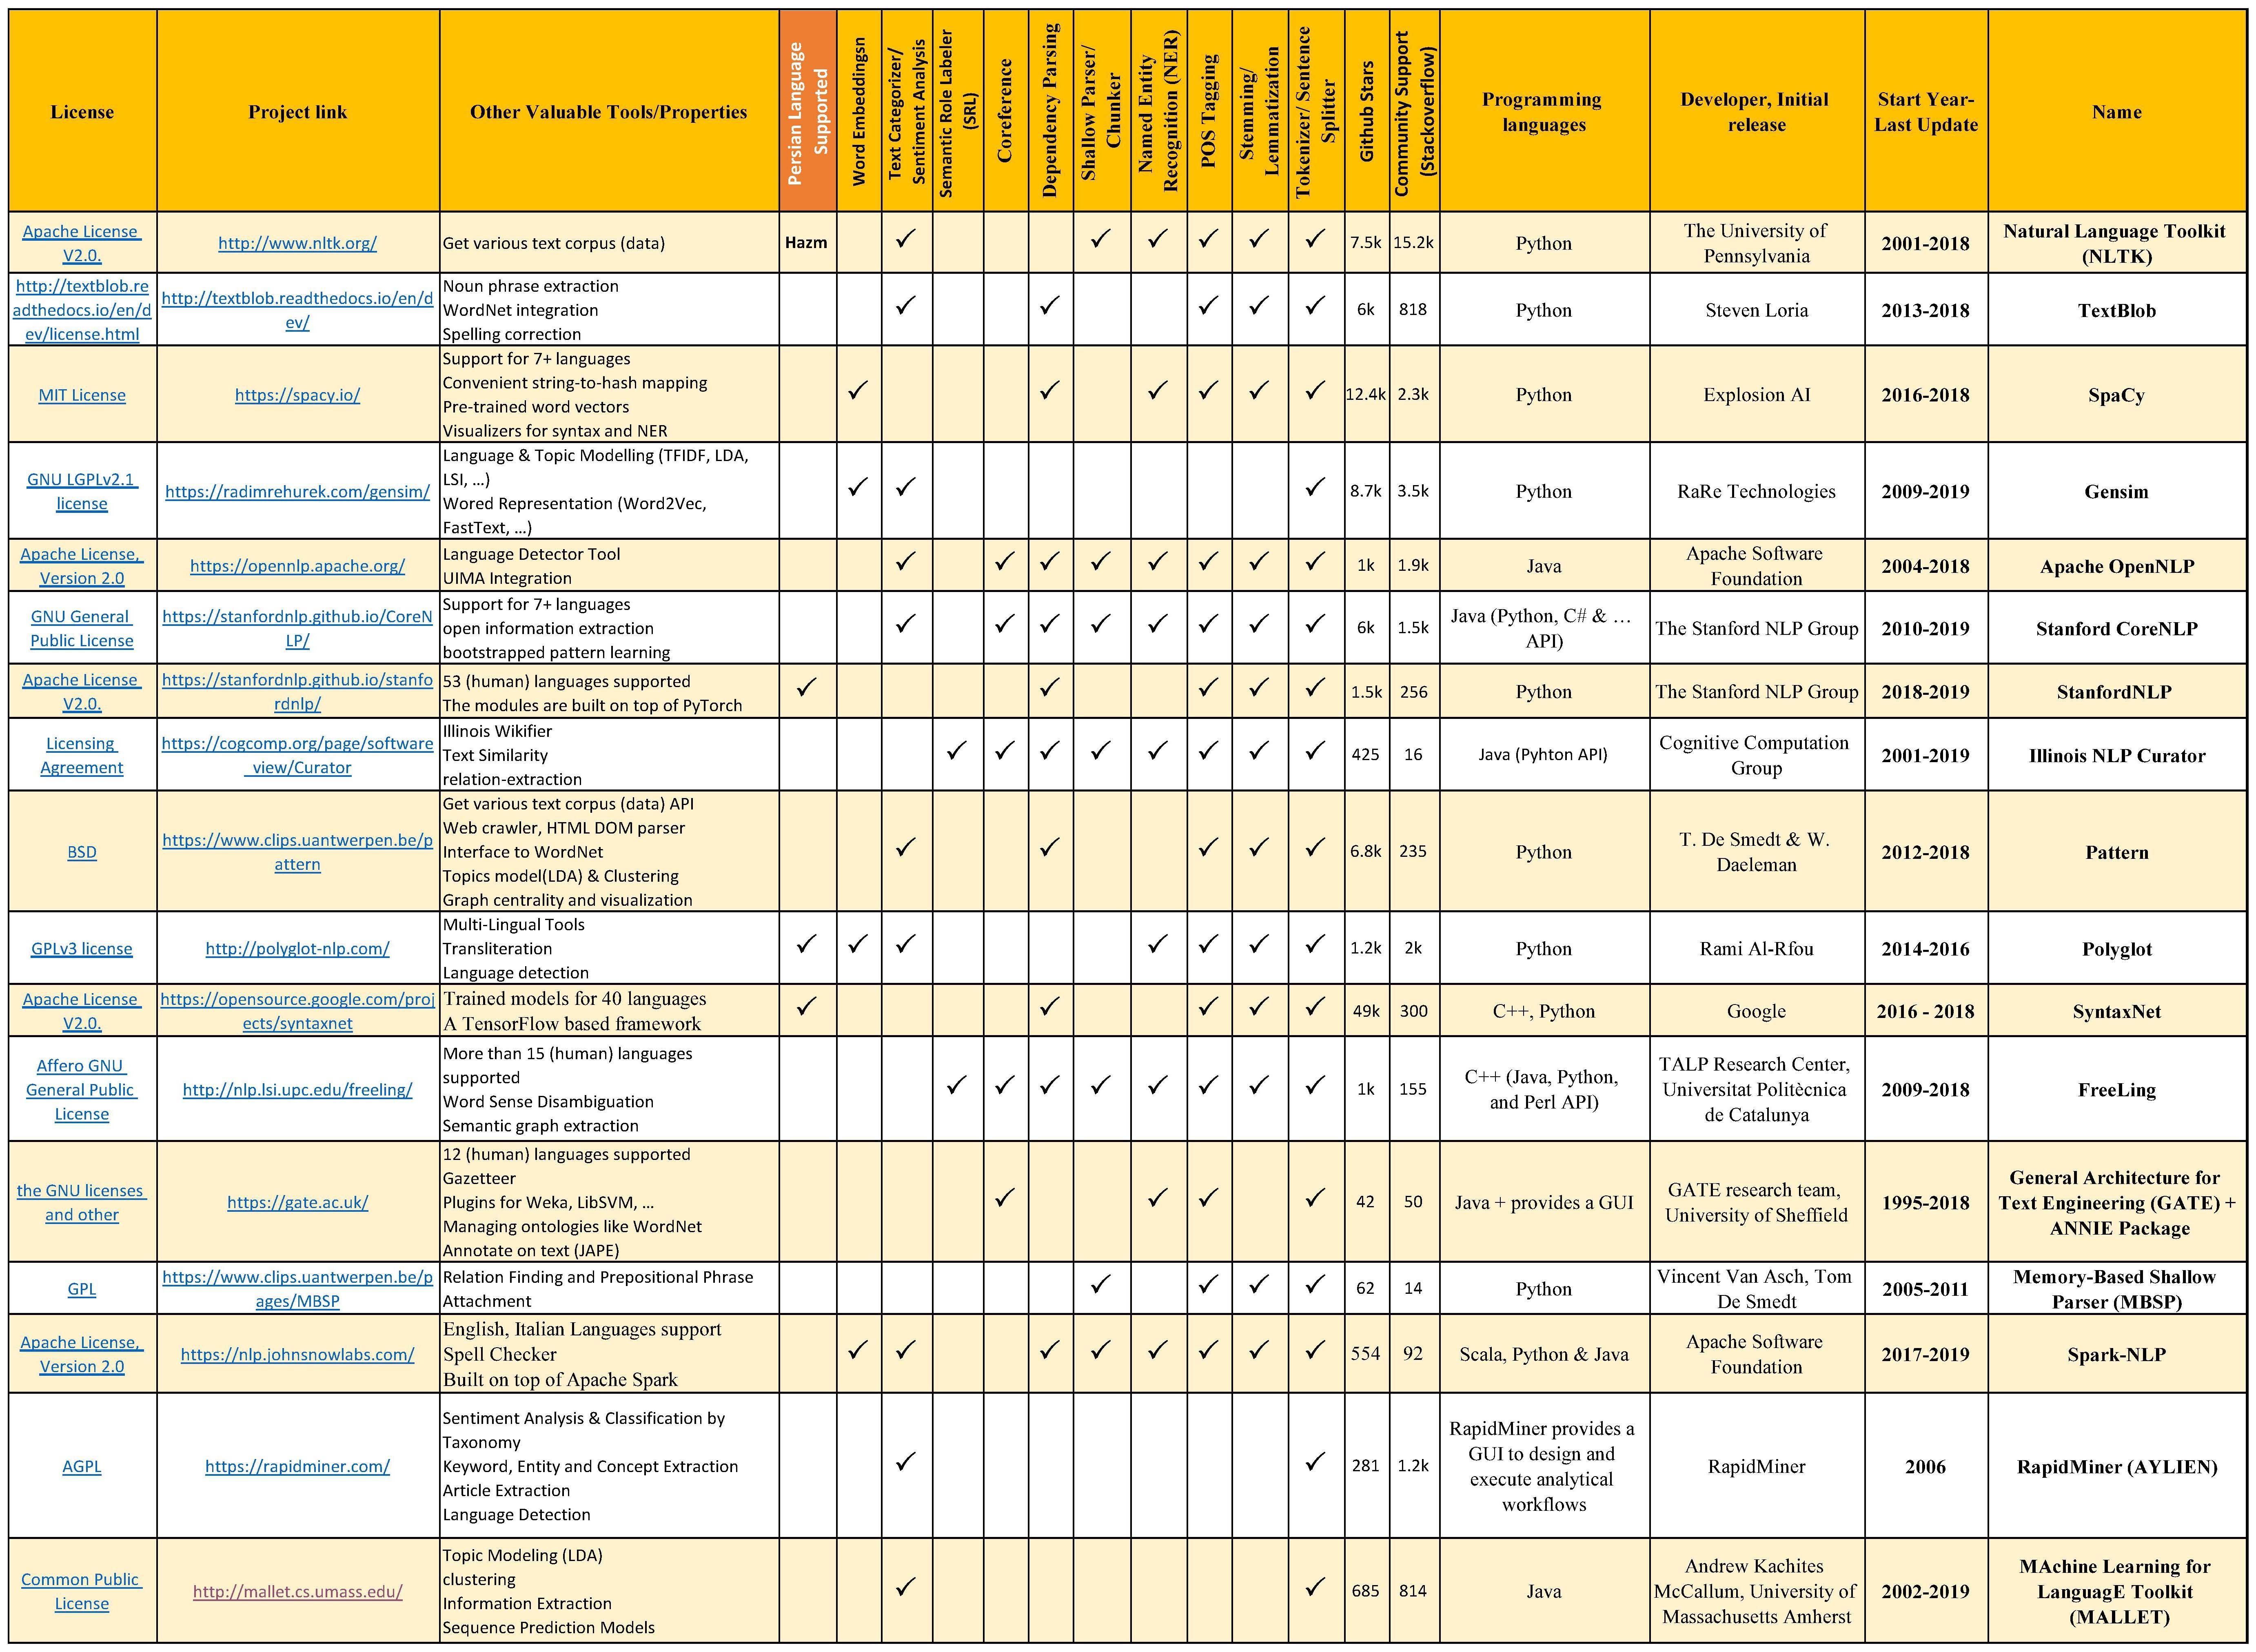 مقایسه ویژگیها و امکانات کتابخانههای (جعبه ابزار) محبوب و رایگان پردازش زبان طبیعی تا سال 2019